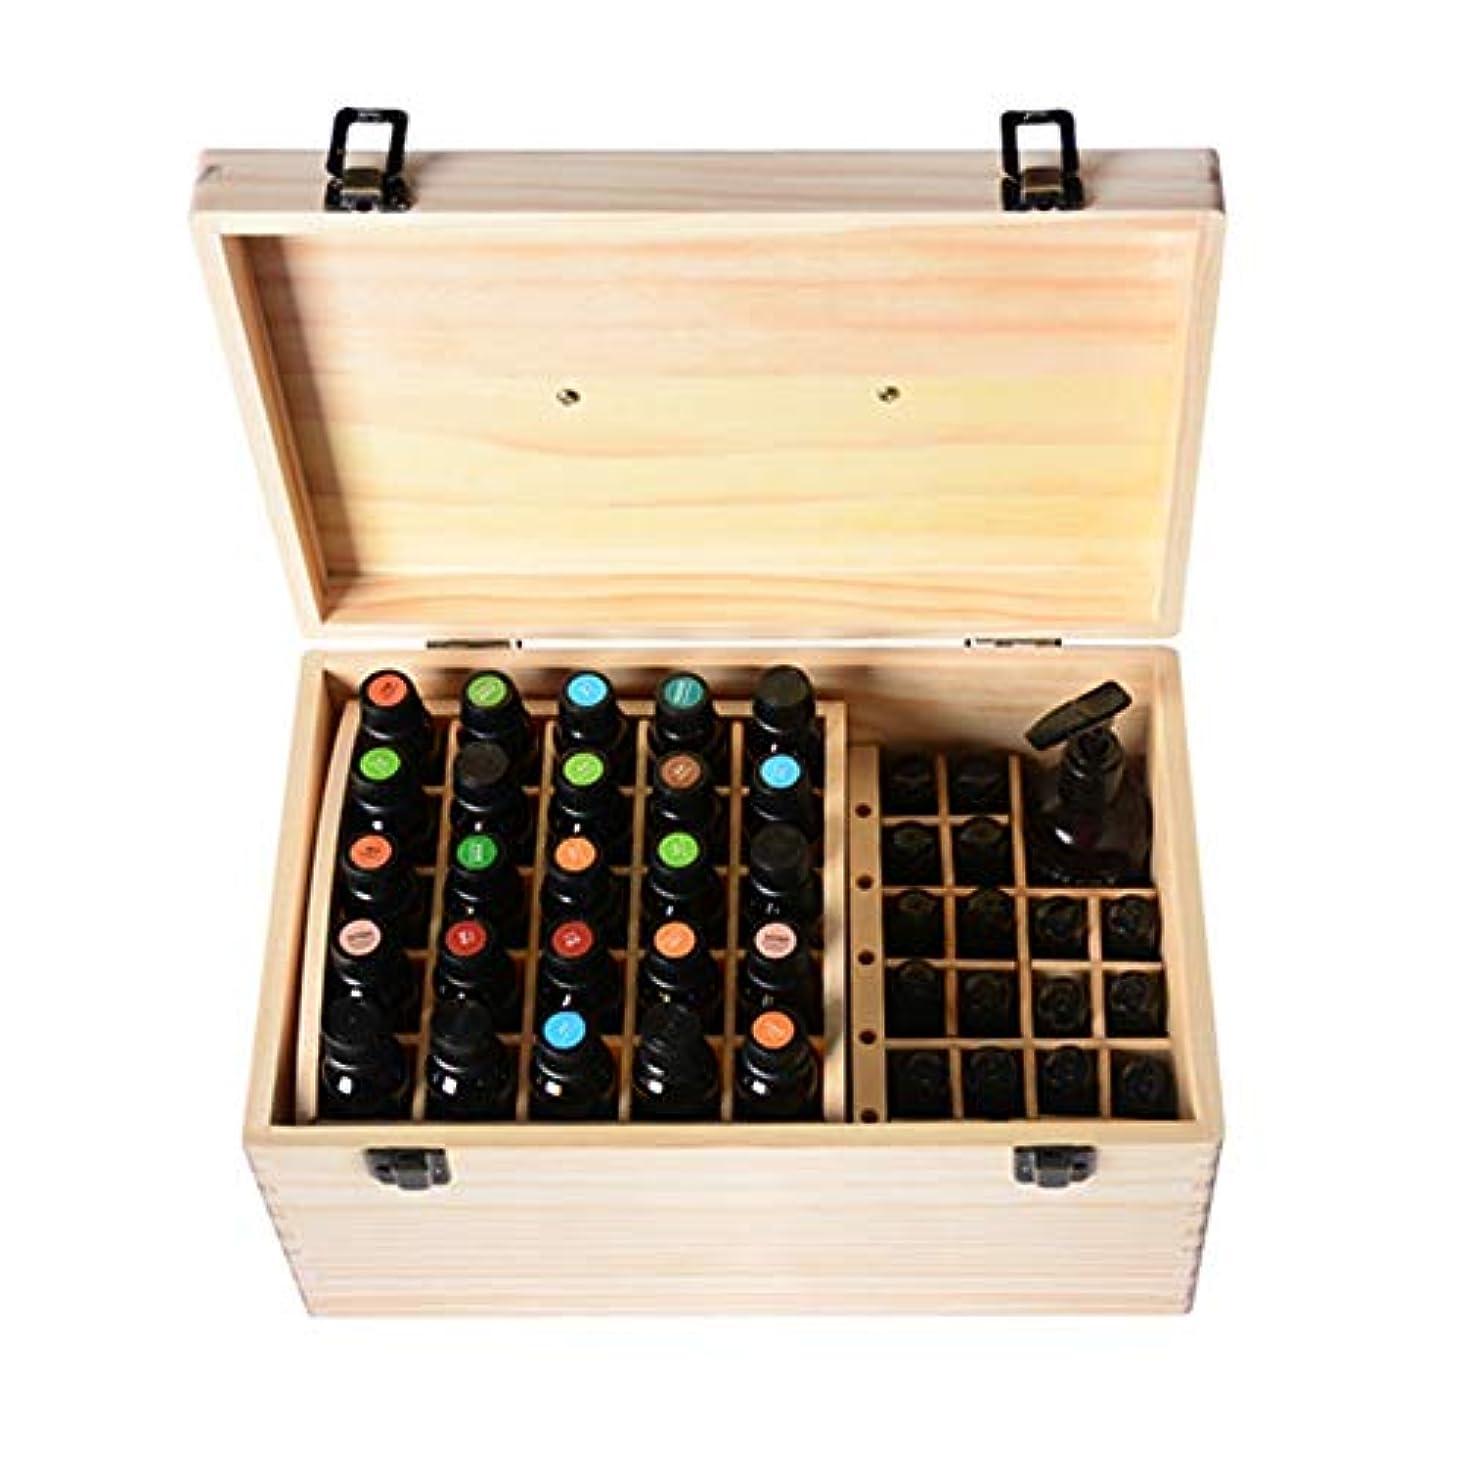 メドレーハリケーン予定エッセンシャルオイルストレージボックス 74スロット木エッセンシャルオイルボックス収納ケース内部のリムーバブルは15/10 M1のボトルナチュラルパインを開催します 旅行およびプレゼンテーション用 (色 : Natural...